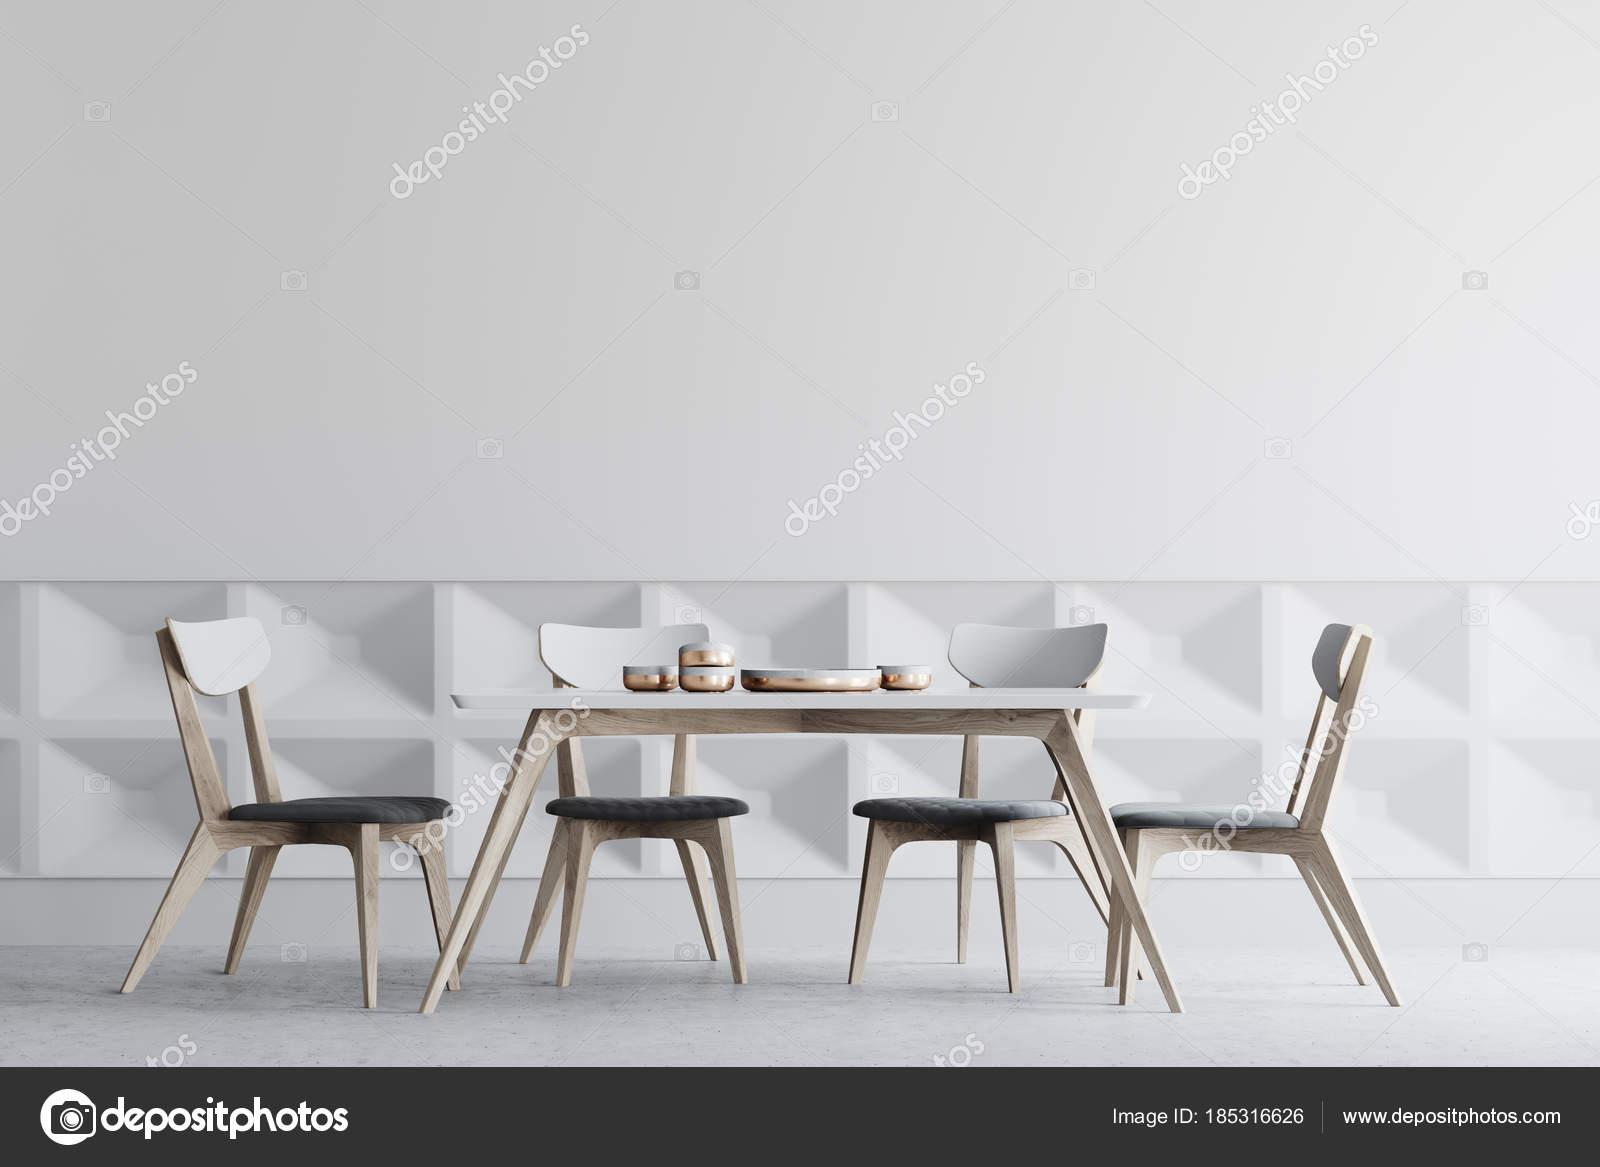 Wit interieur houten stoelen van eetkamer u stockfoto